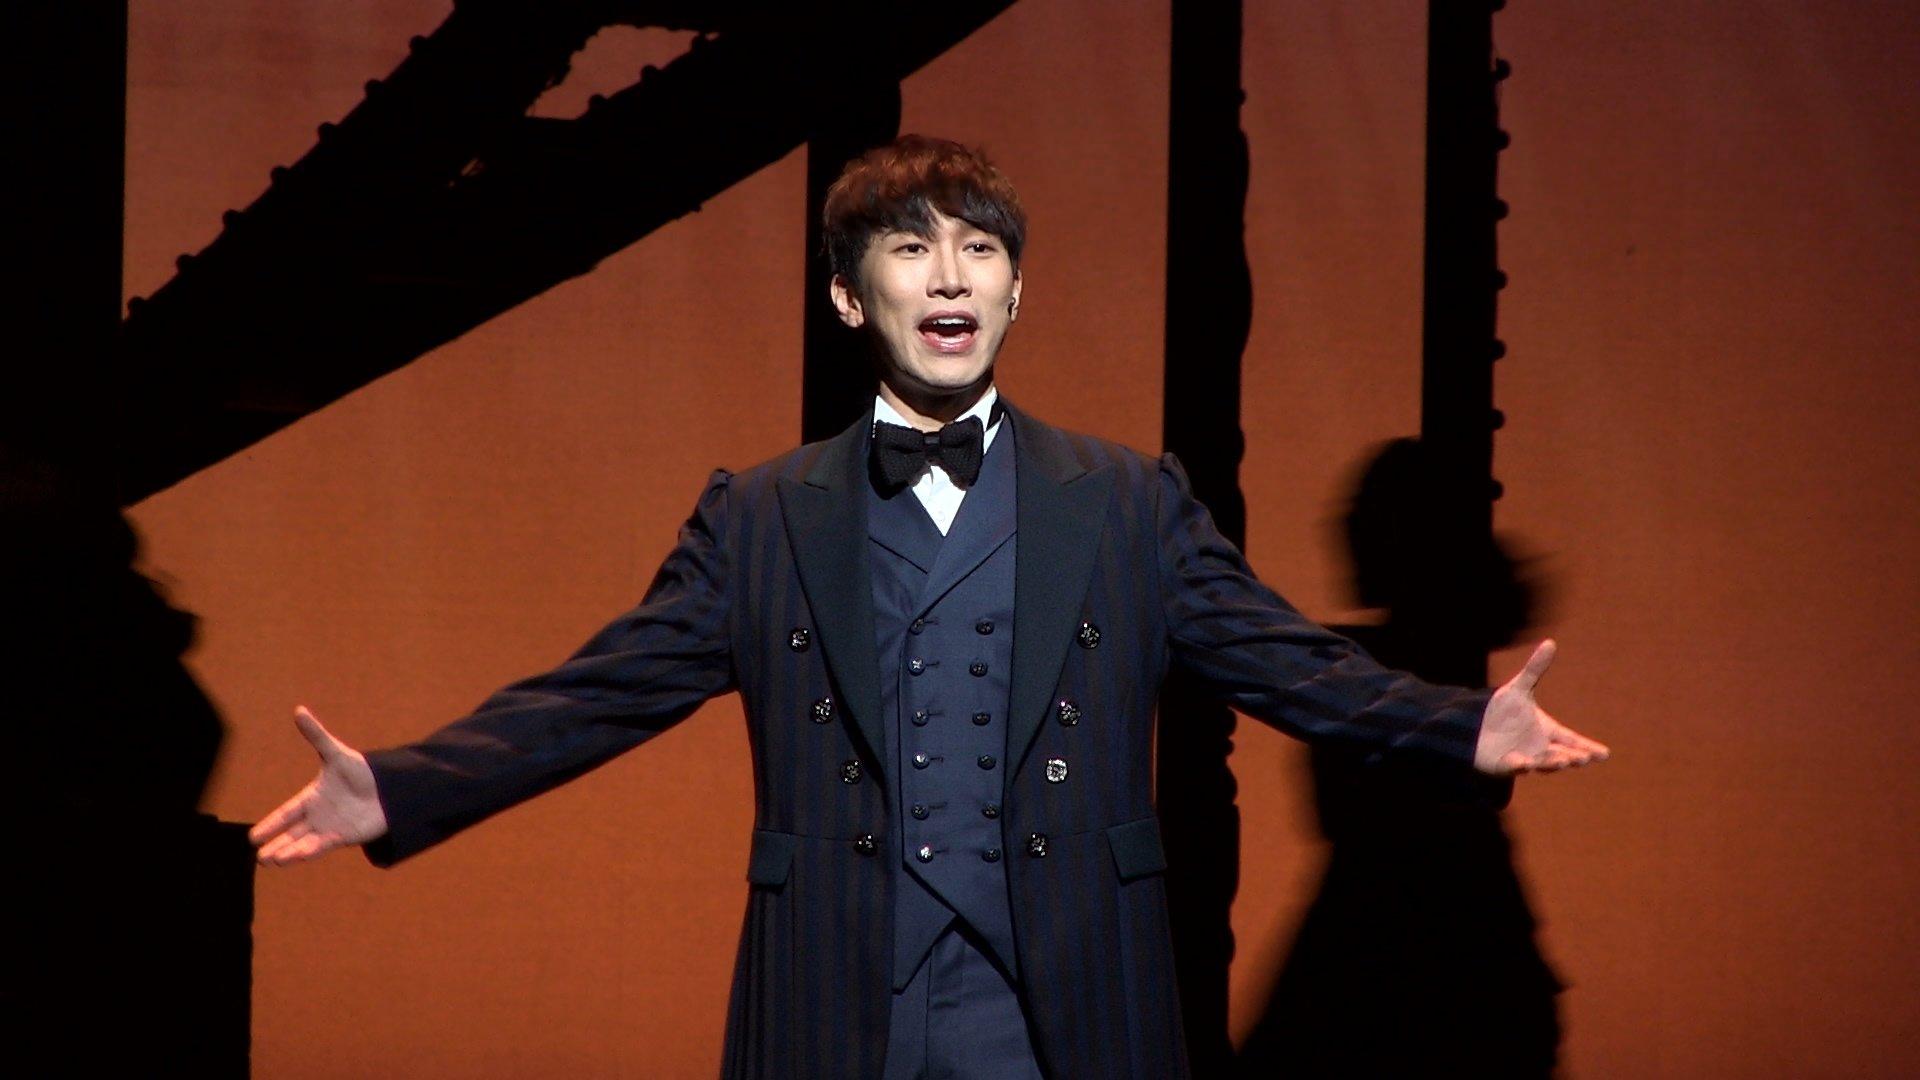 '바넘:위대한 쇼맨' 뮤지엄 송 - 박건형, 서은광 외